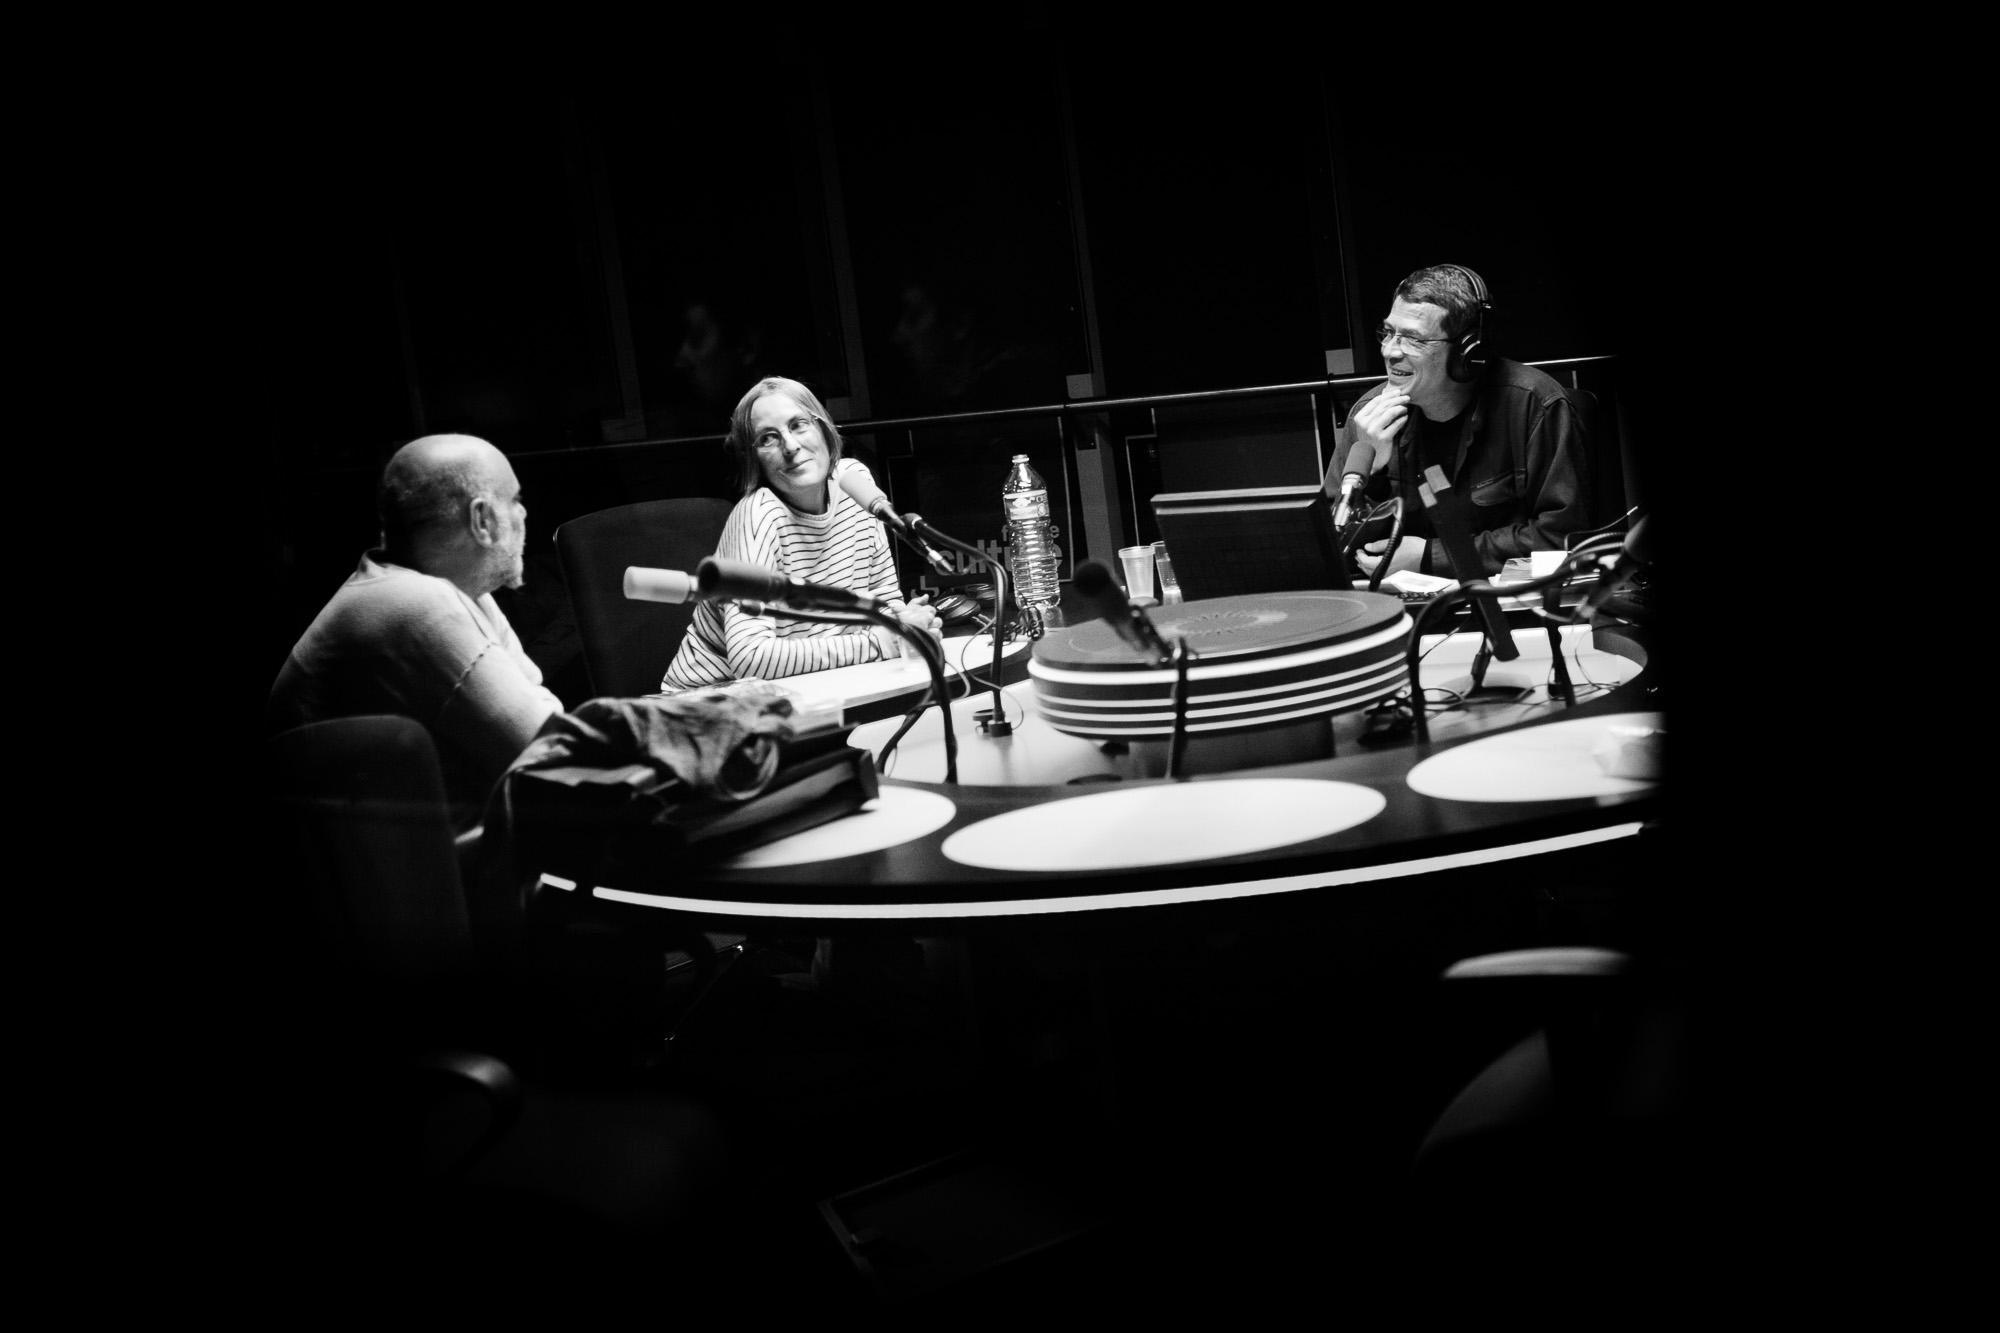 Marie Morel lors de l'enregistrement d'une émission sur France Culture. Paris, 2011.